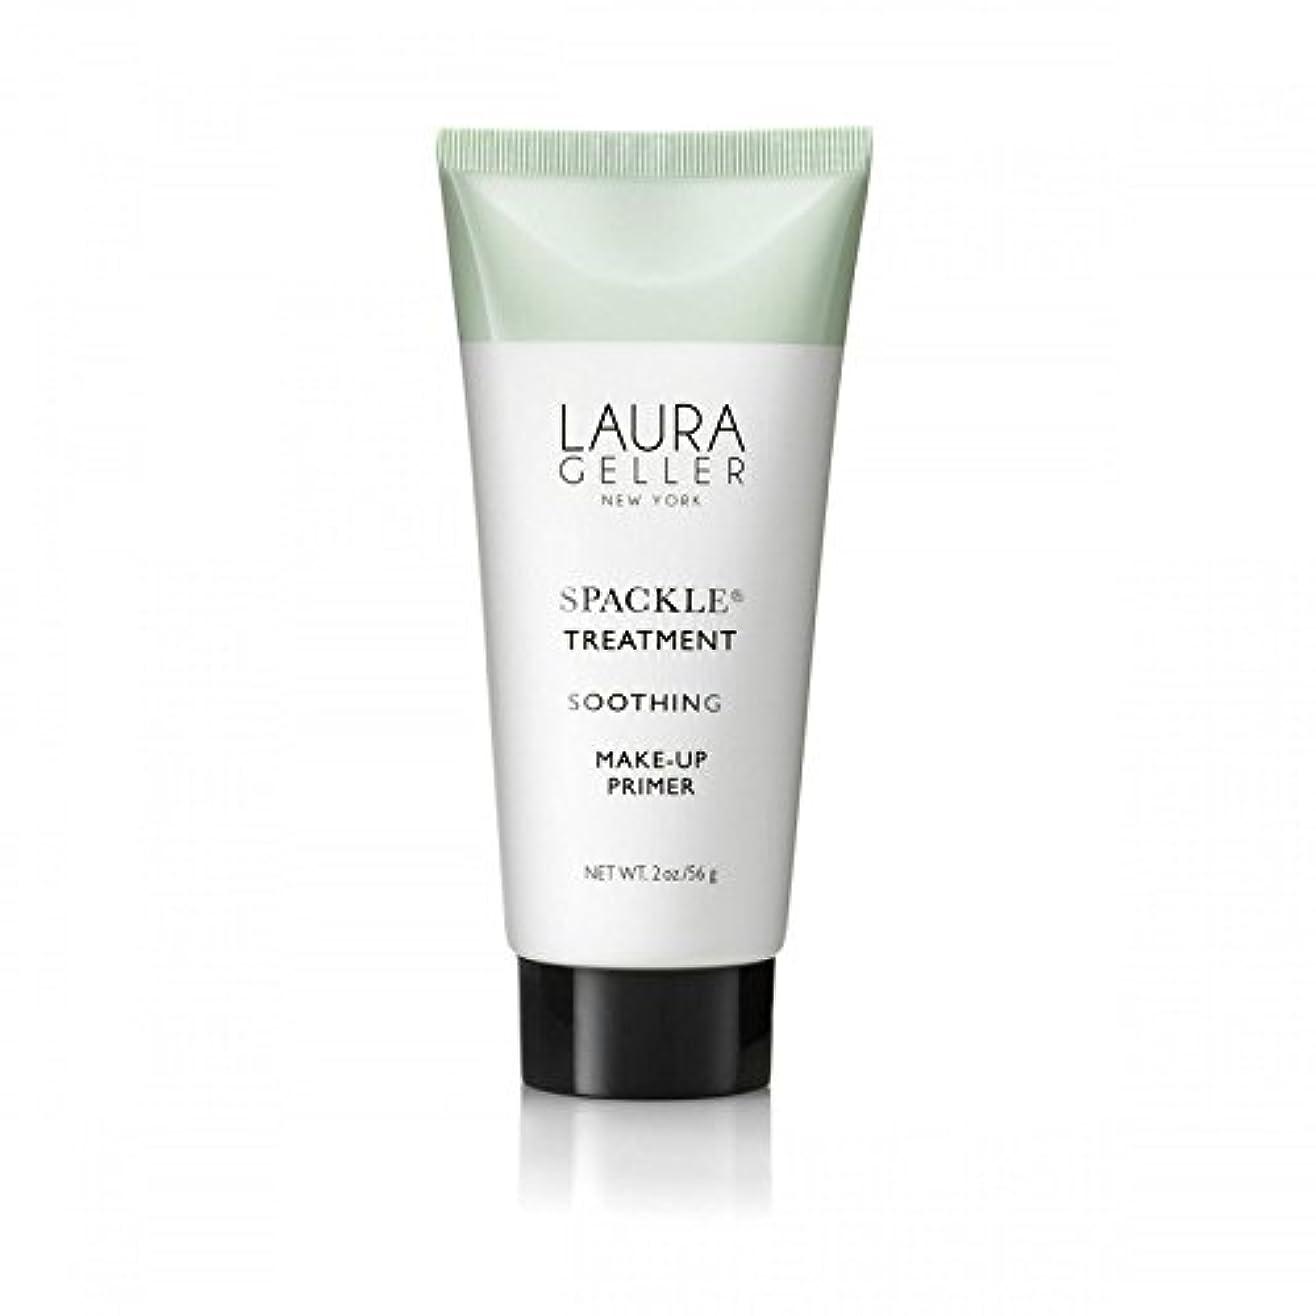 囲いリス切り離すLaura Geller Spackle Treatment Under Make-Up Primer Soothing - メイクアッププライマー癒しの下のローラ?ゲラー 処理 [並行輸入品]